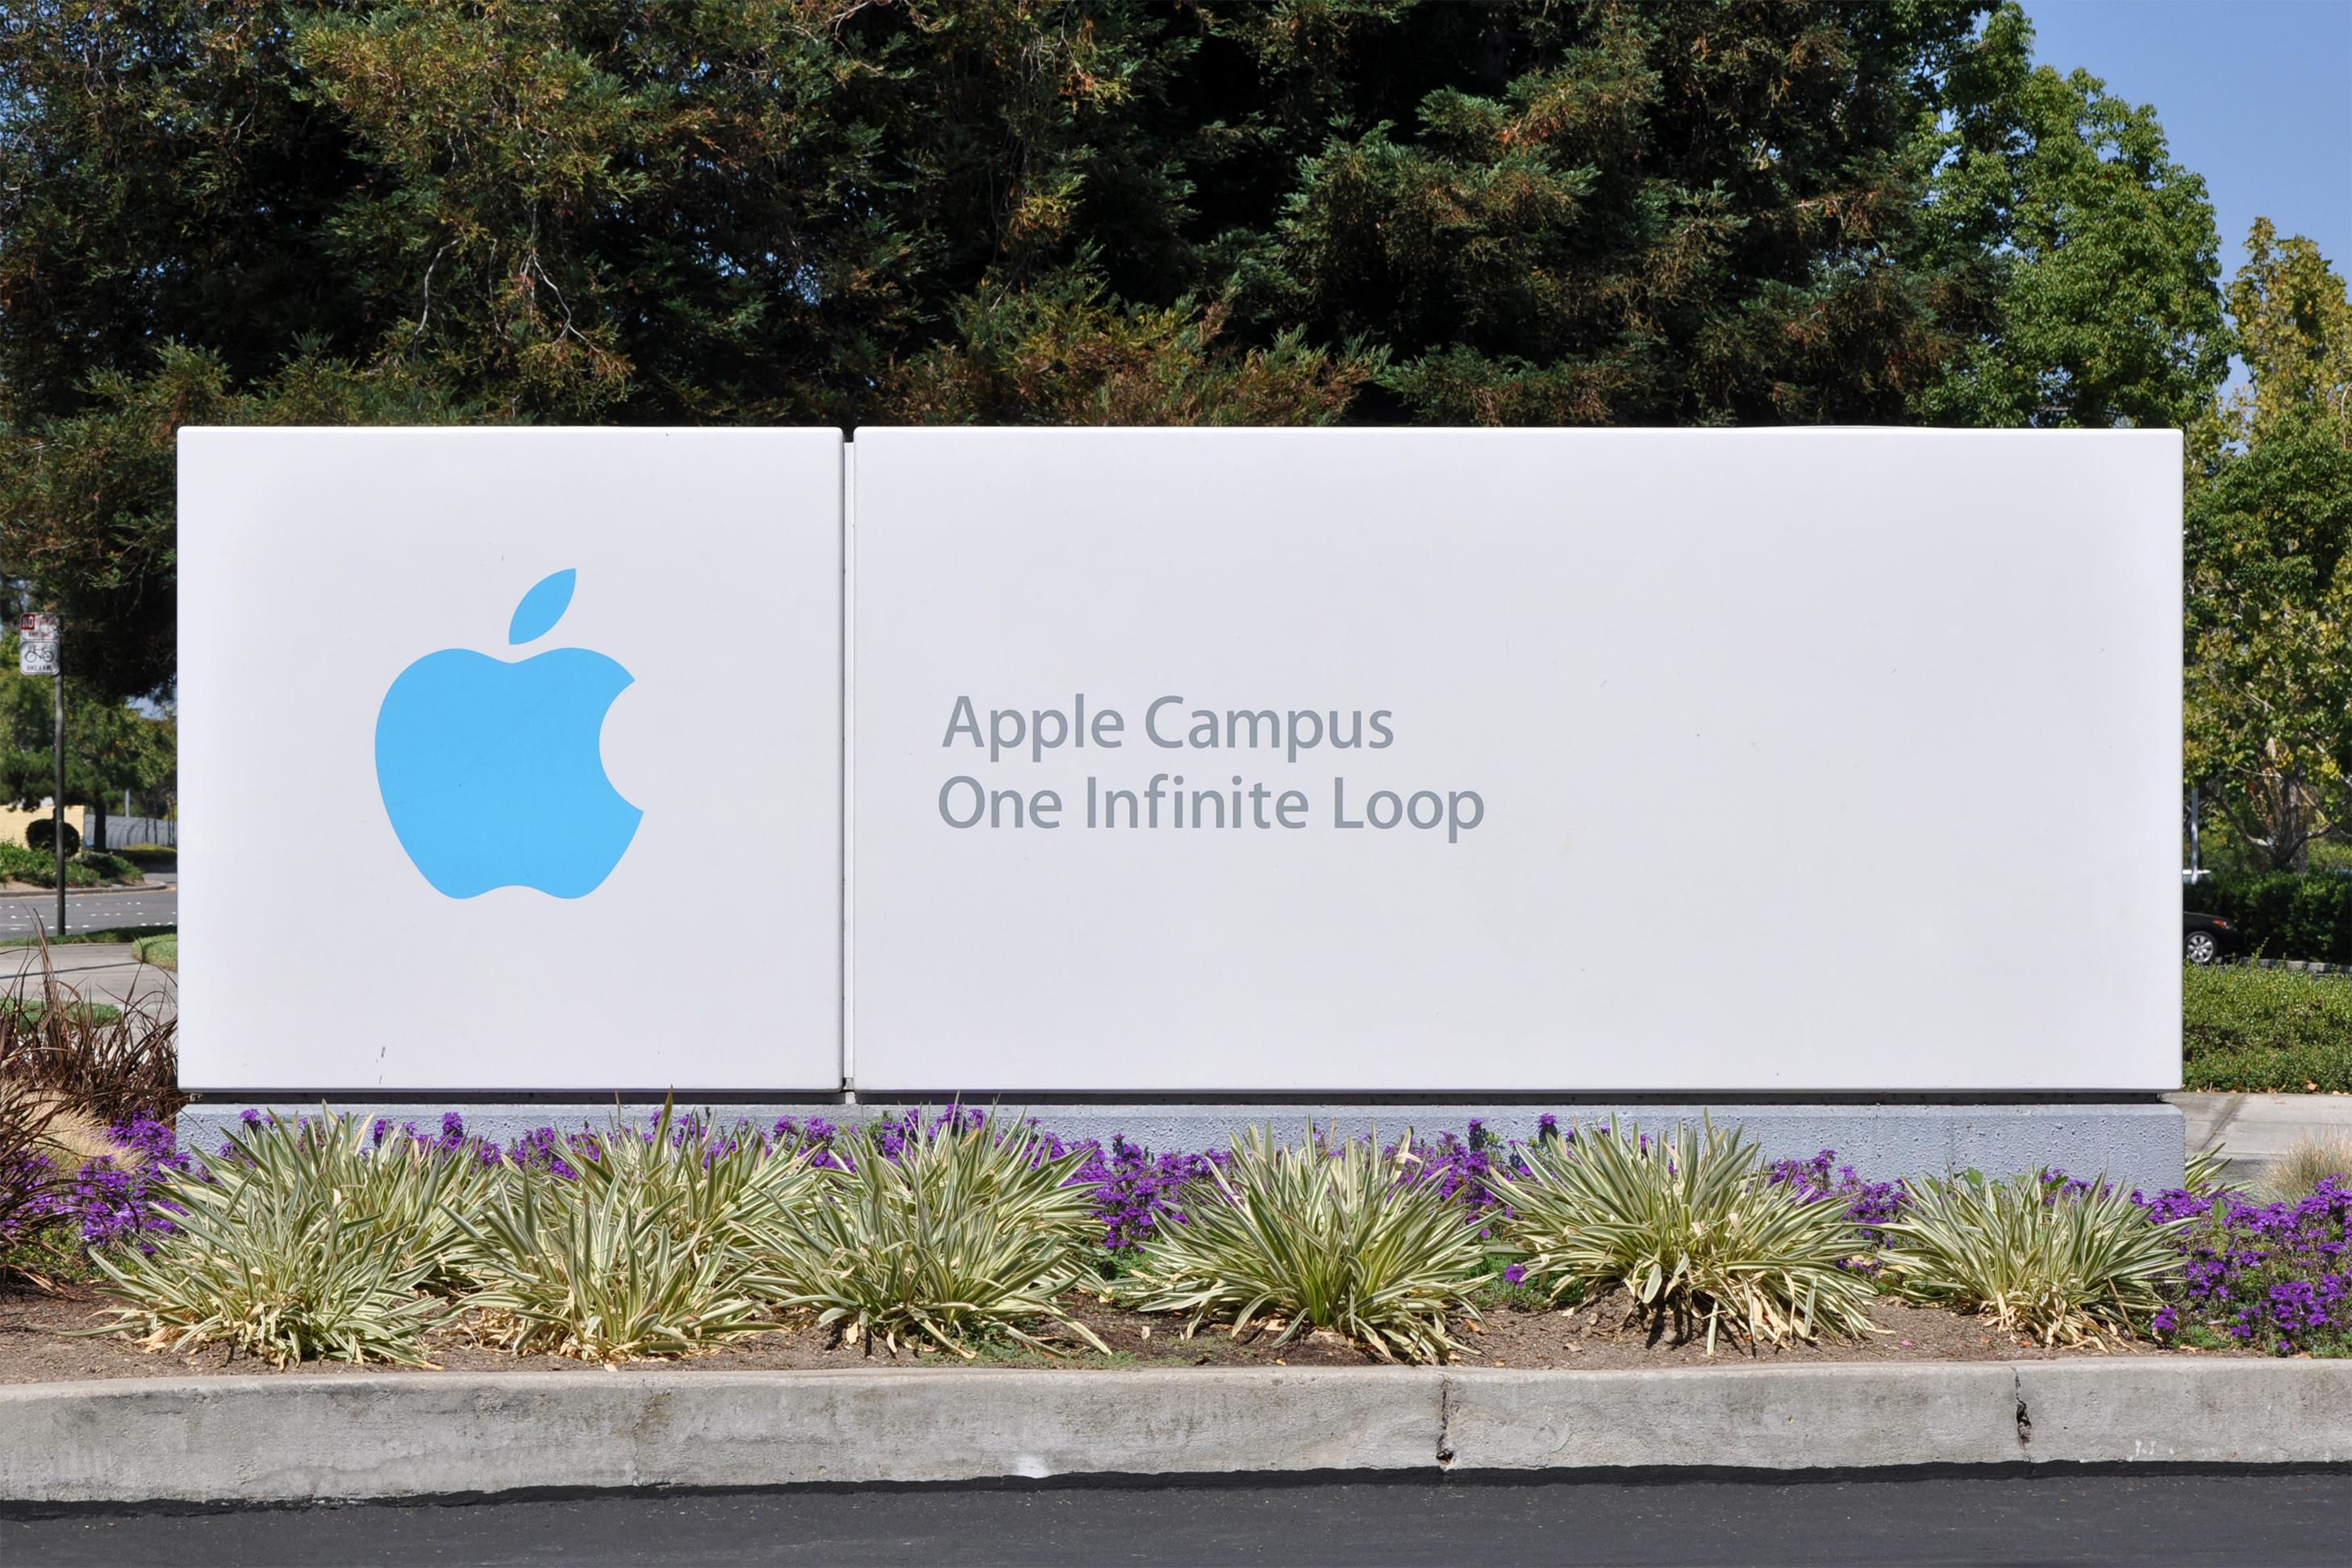 苹果本季度财报发布时机,正值该公司市值接近1万亿美元,同时也是业界